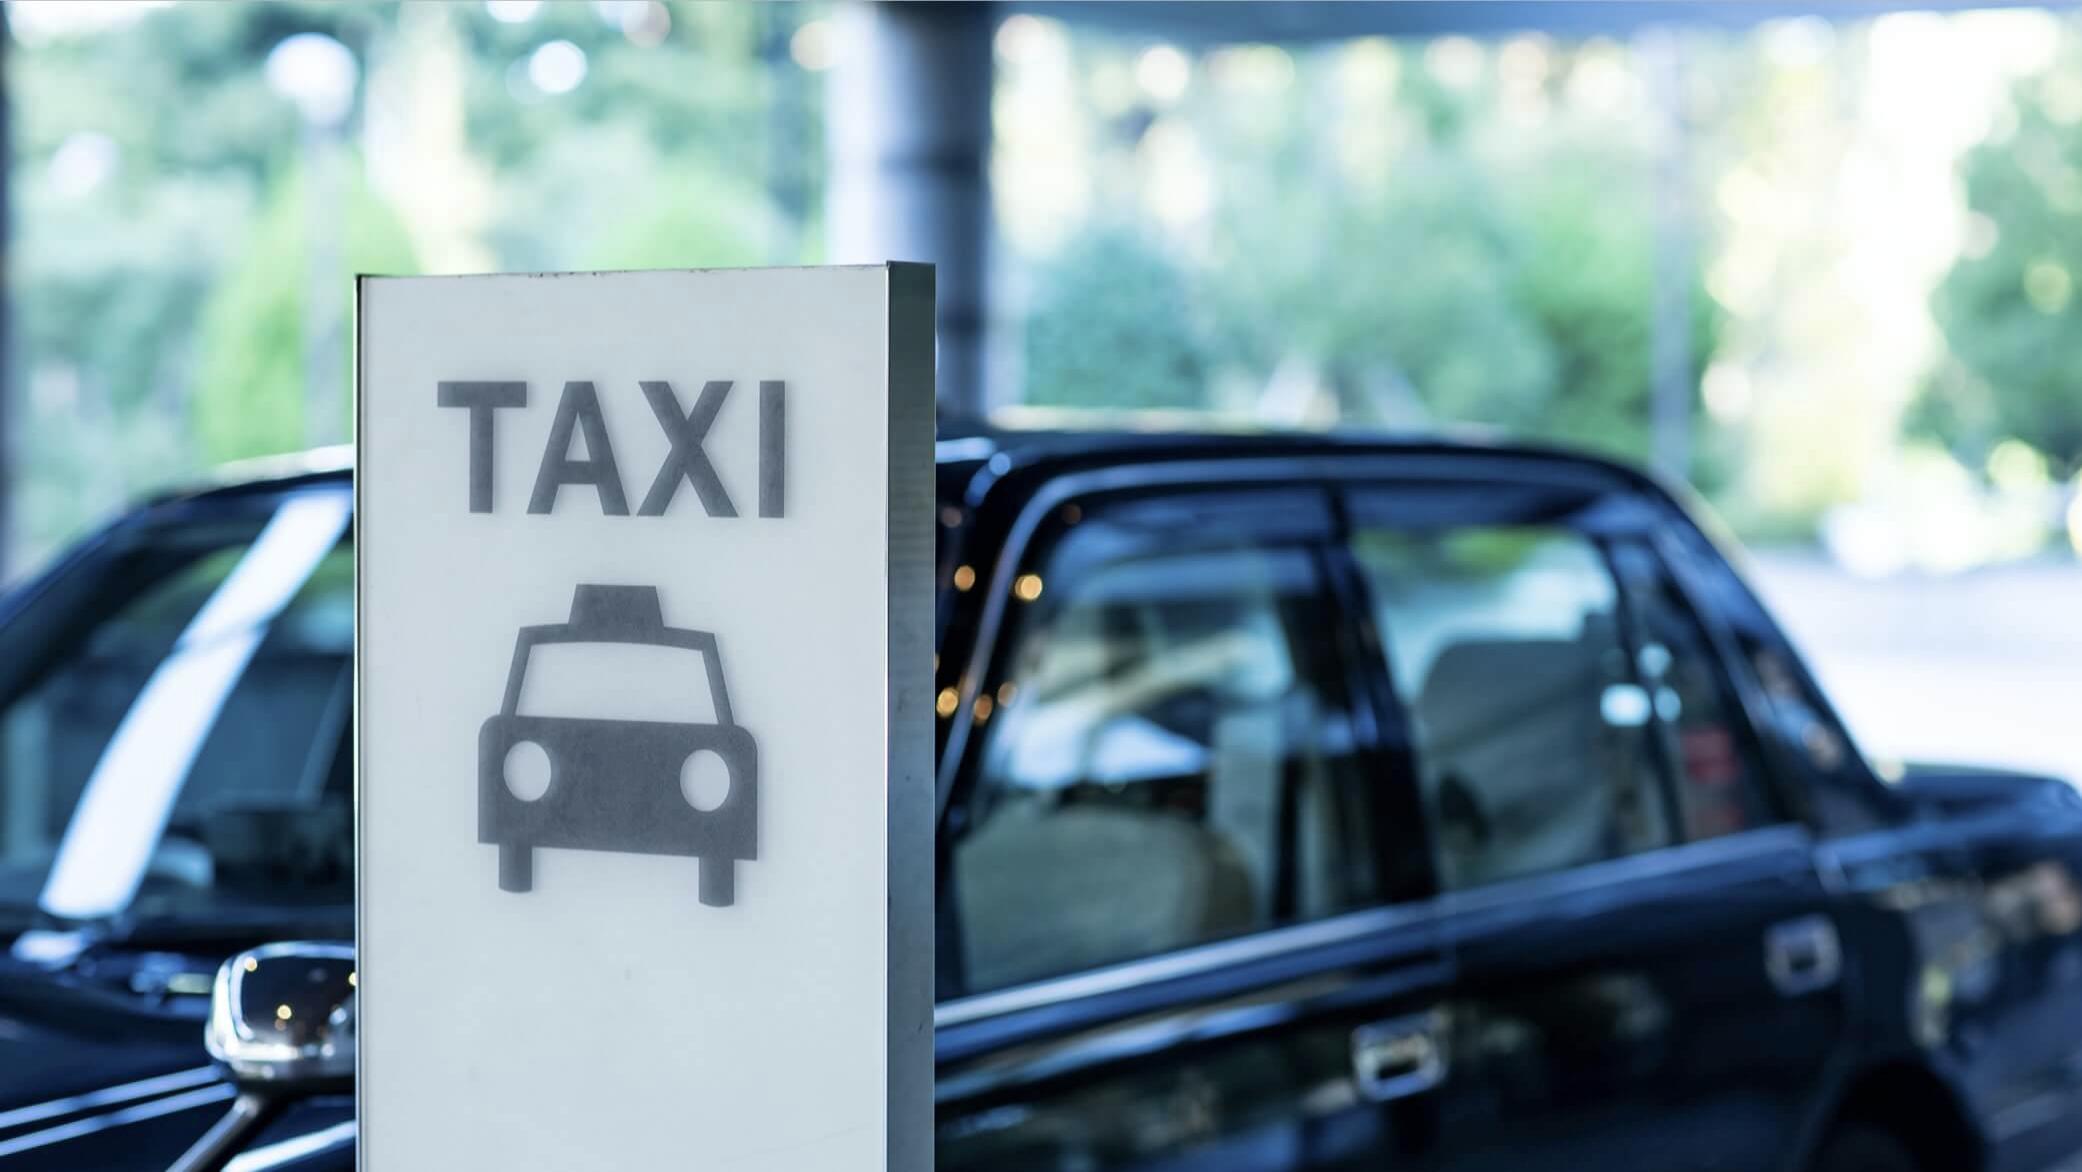 タクシーに忘れ物をして会社がわからないときの対処法